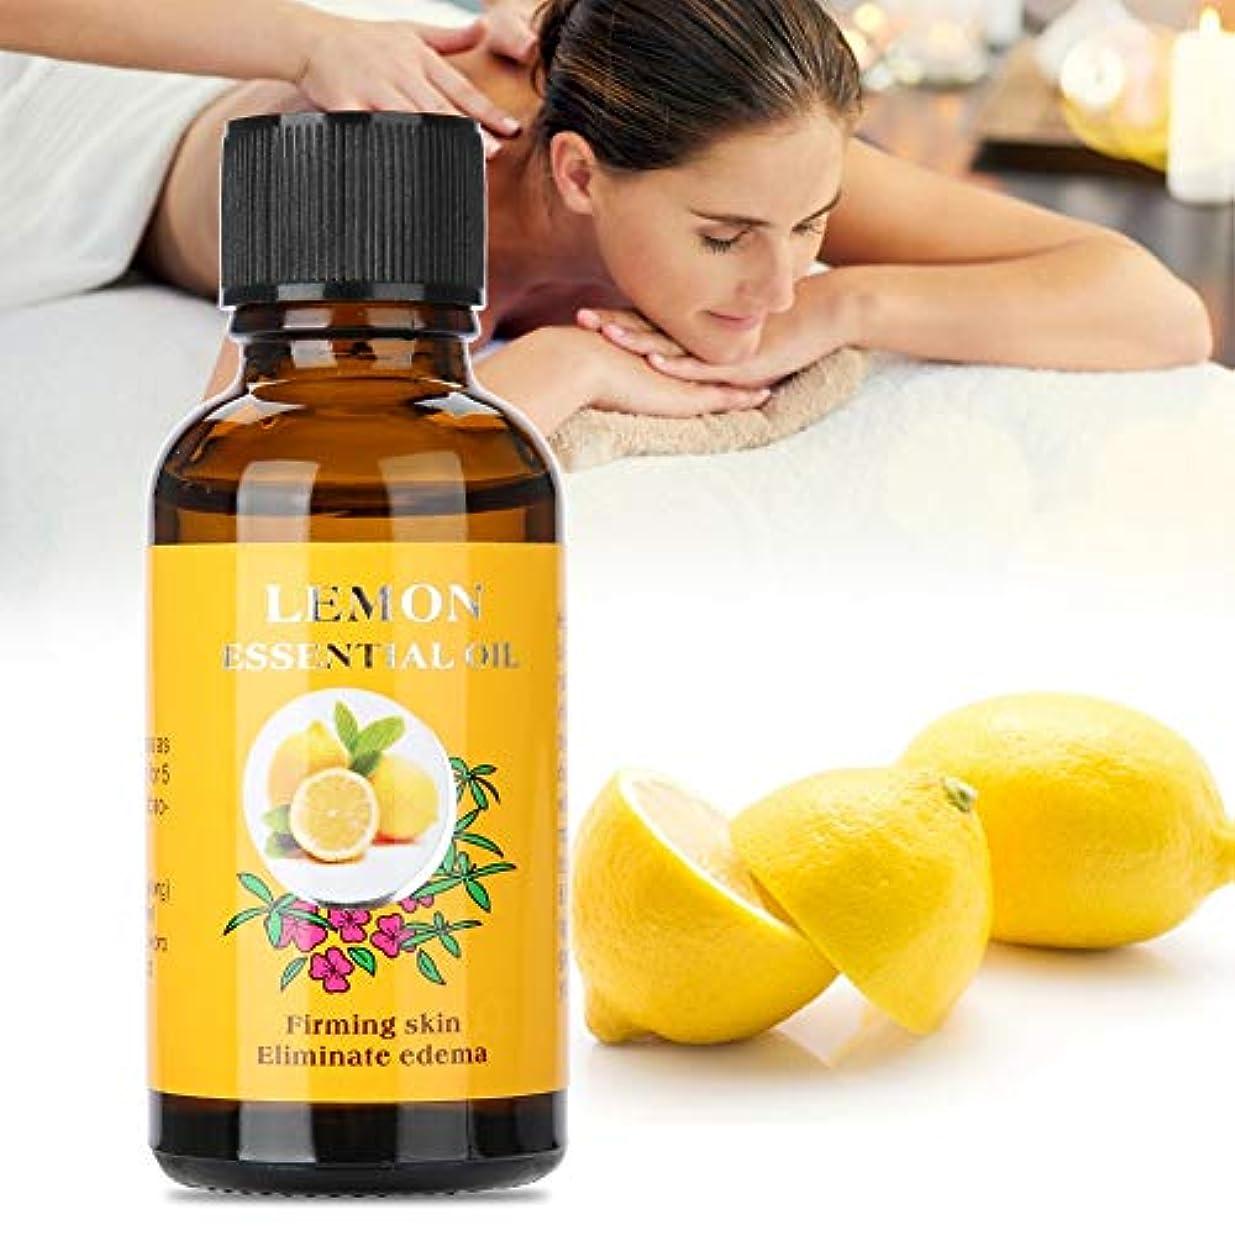 入場料自明方言30ml レモンオイル マッサージ エッセンシャルオイル 保湿 スパアロマセラピー ボディ マッサージオイル